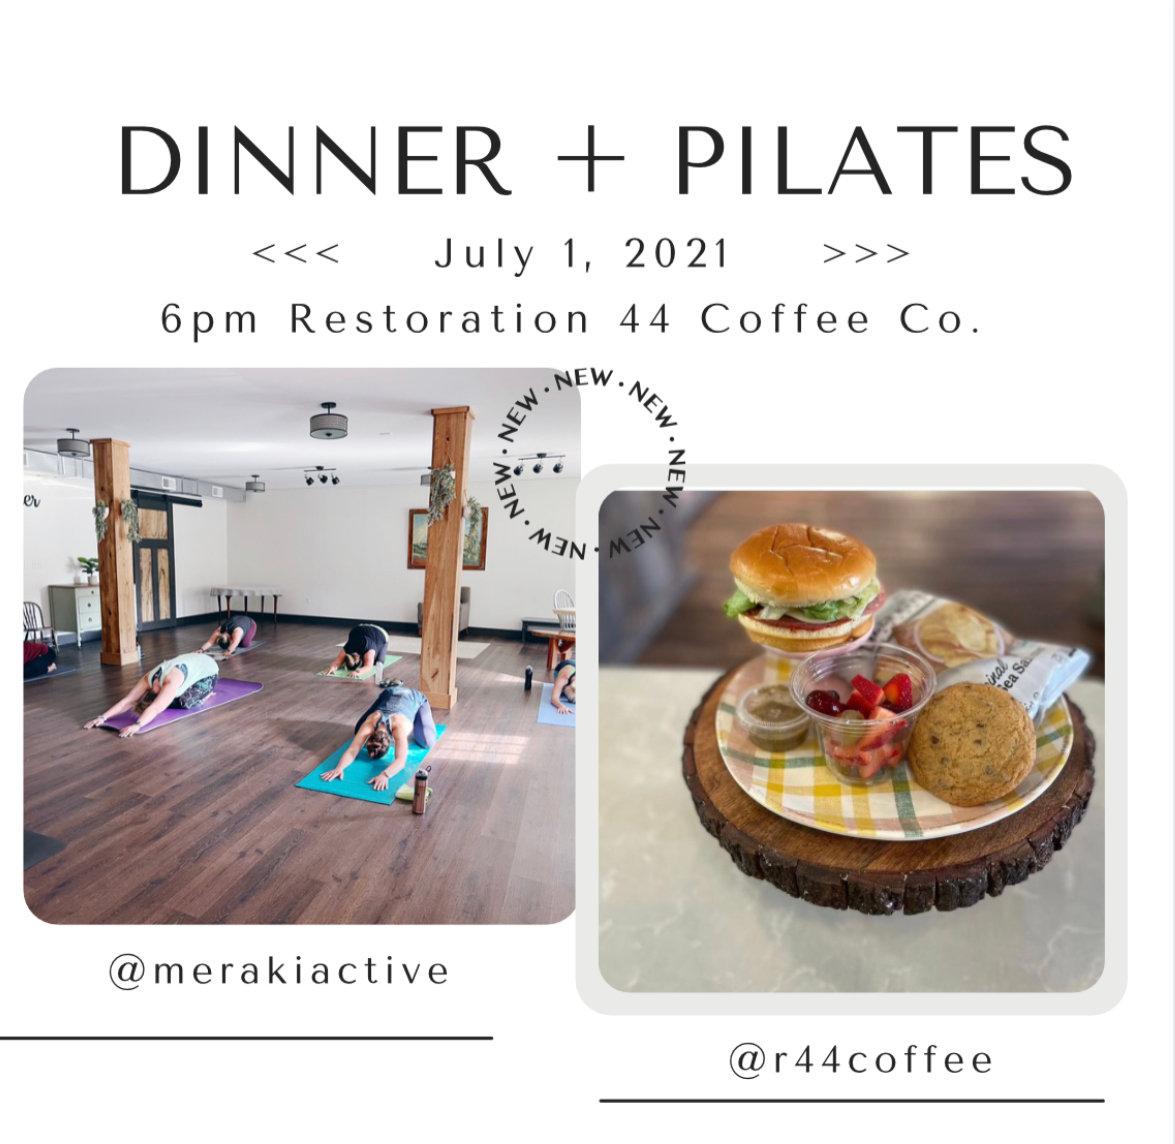 Dinner & Pilates